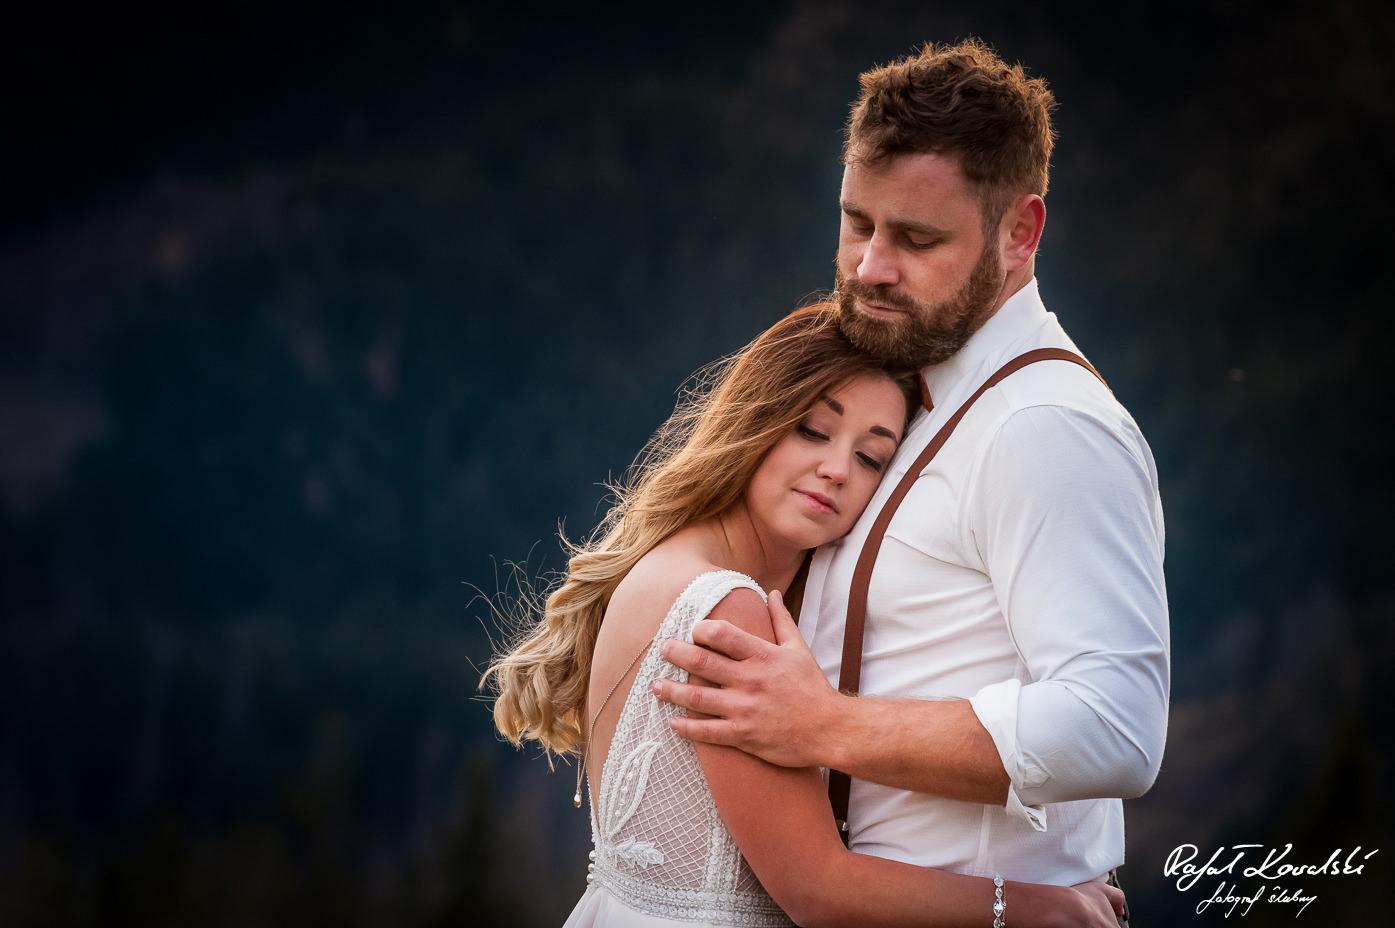 Sesja ślubna w Tatrach - pannie młodej dobrze jest się przytulić do szerokiej męskiej piersi